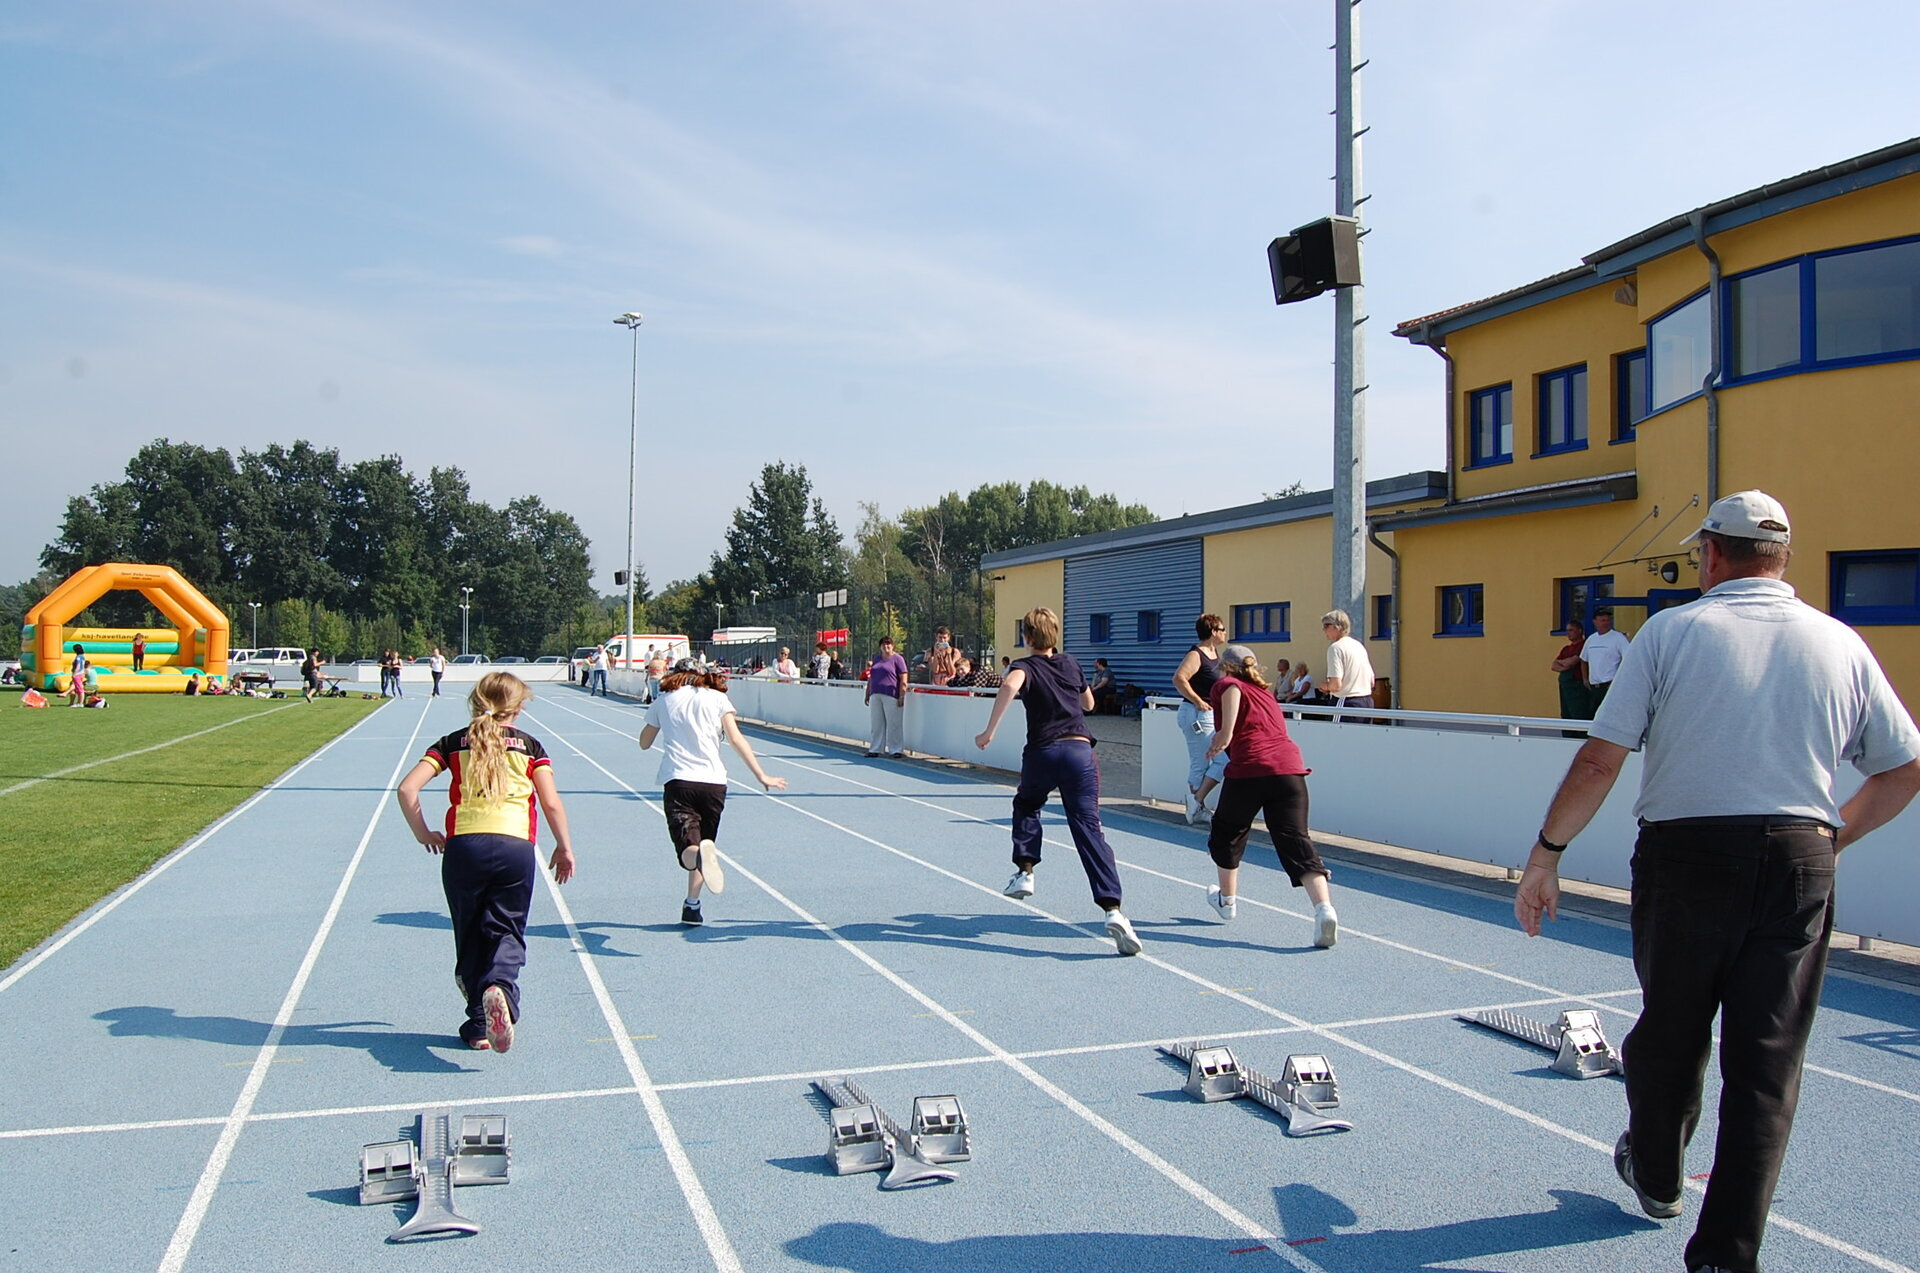 Das Sport- und Spielfest für alle führt auch in Falkensee Menschen mit und ohne Handicap zusammen.